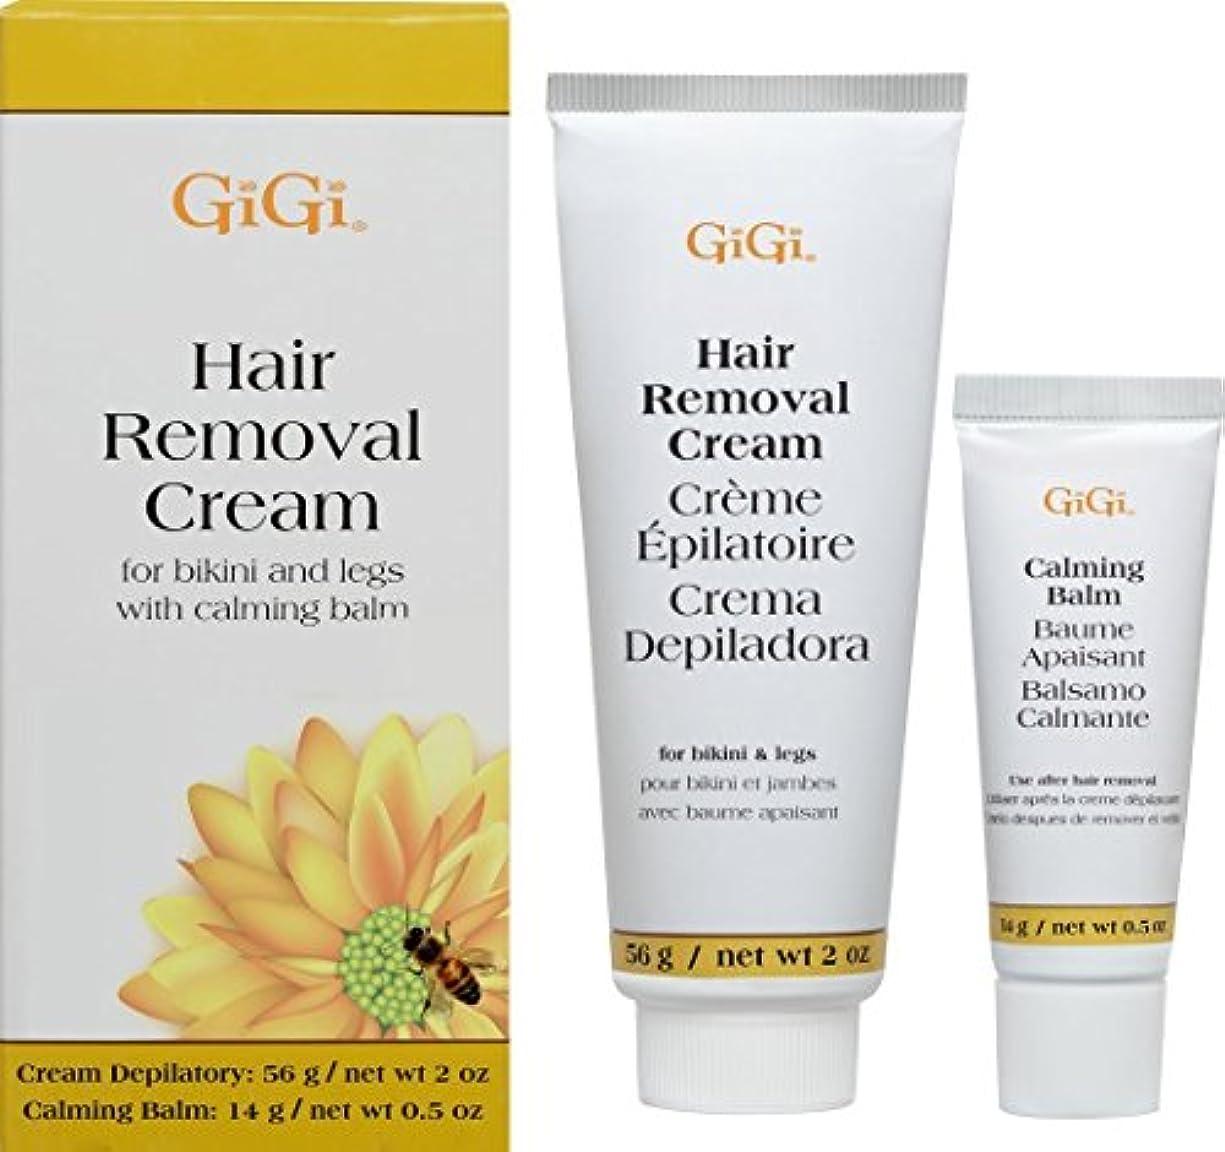 セマフォセマフォ一貫性のない(1) - Gigi Hair Removal Cream W/Balm For Bikini & Legs